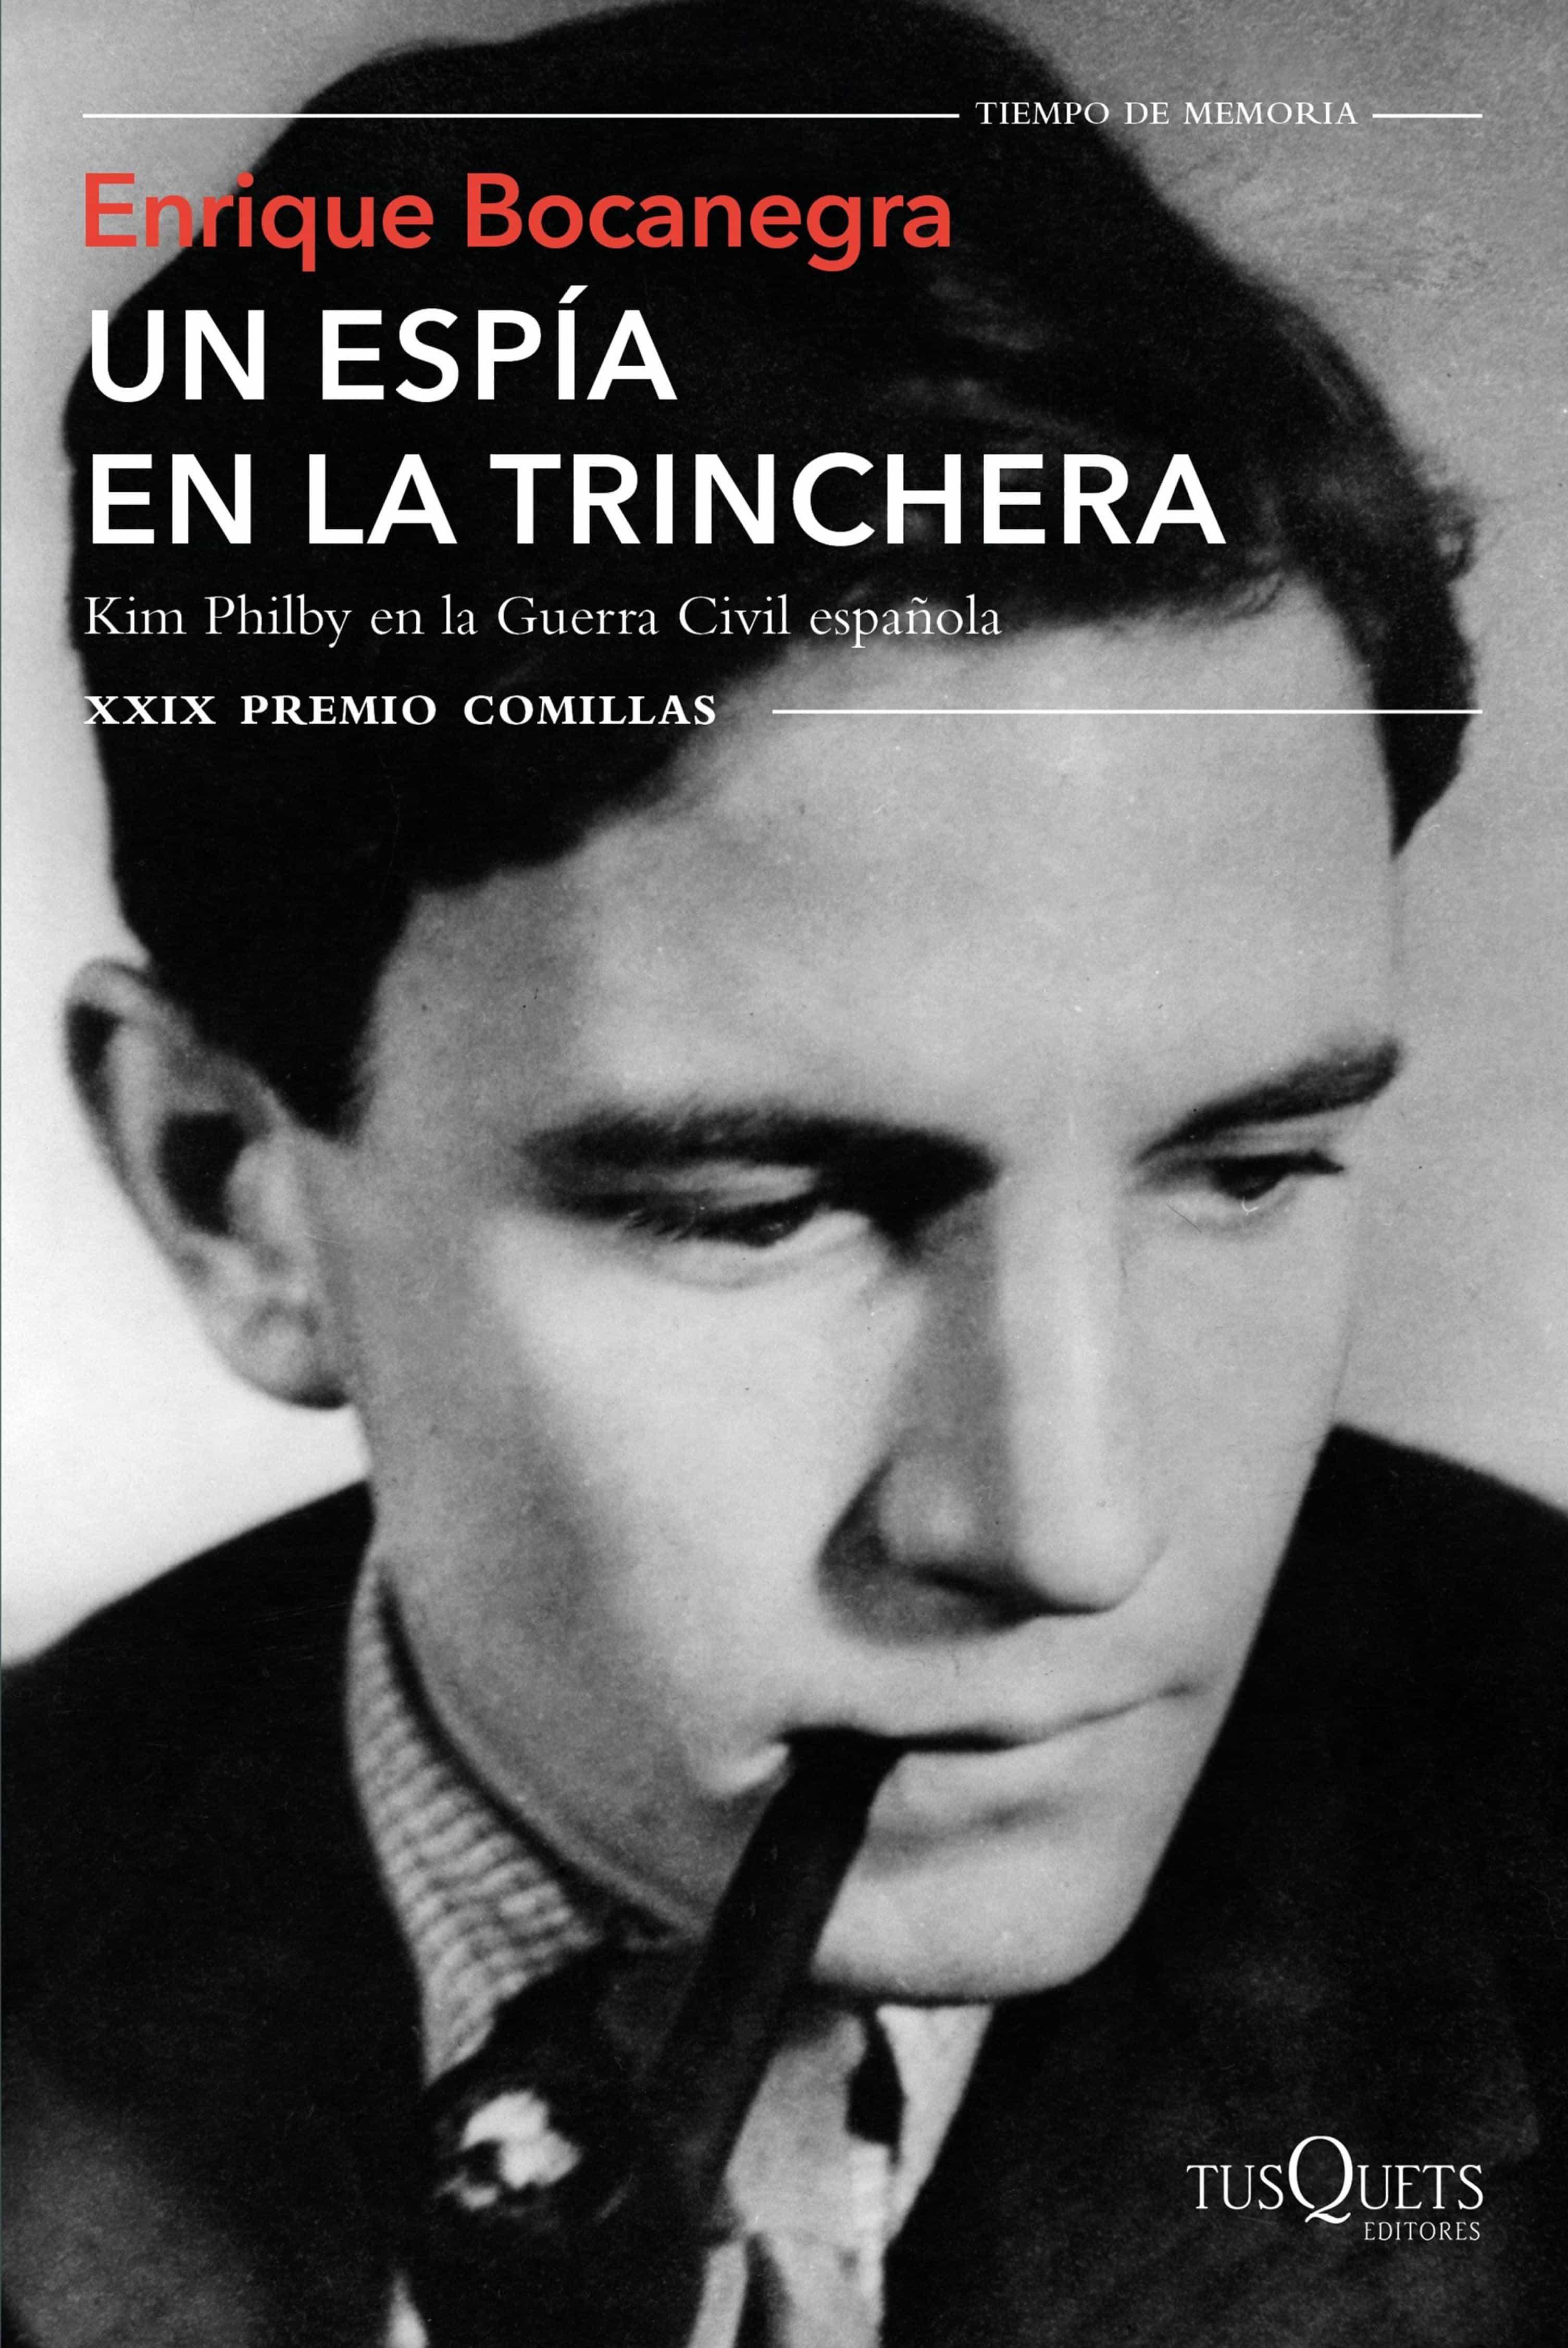 Un Espía En La Trinchera   por Enrique Bocanegra